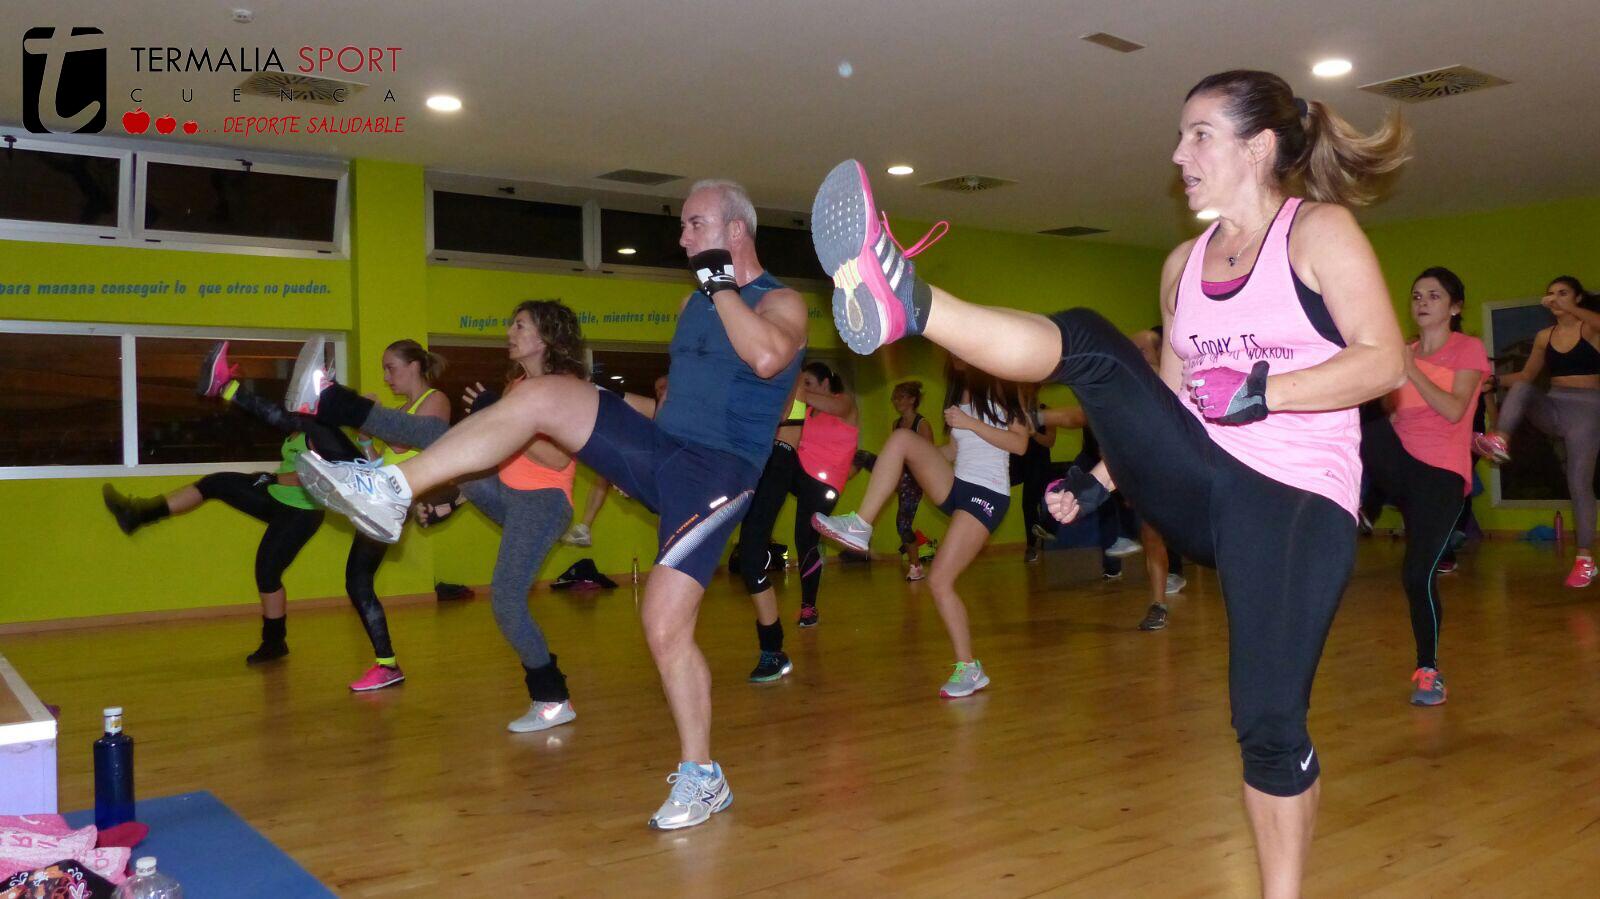 Combat en Termalia Sport